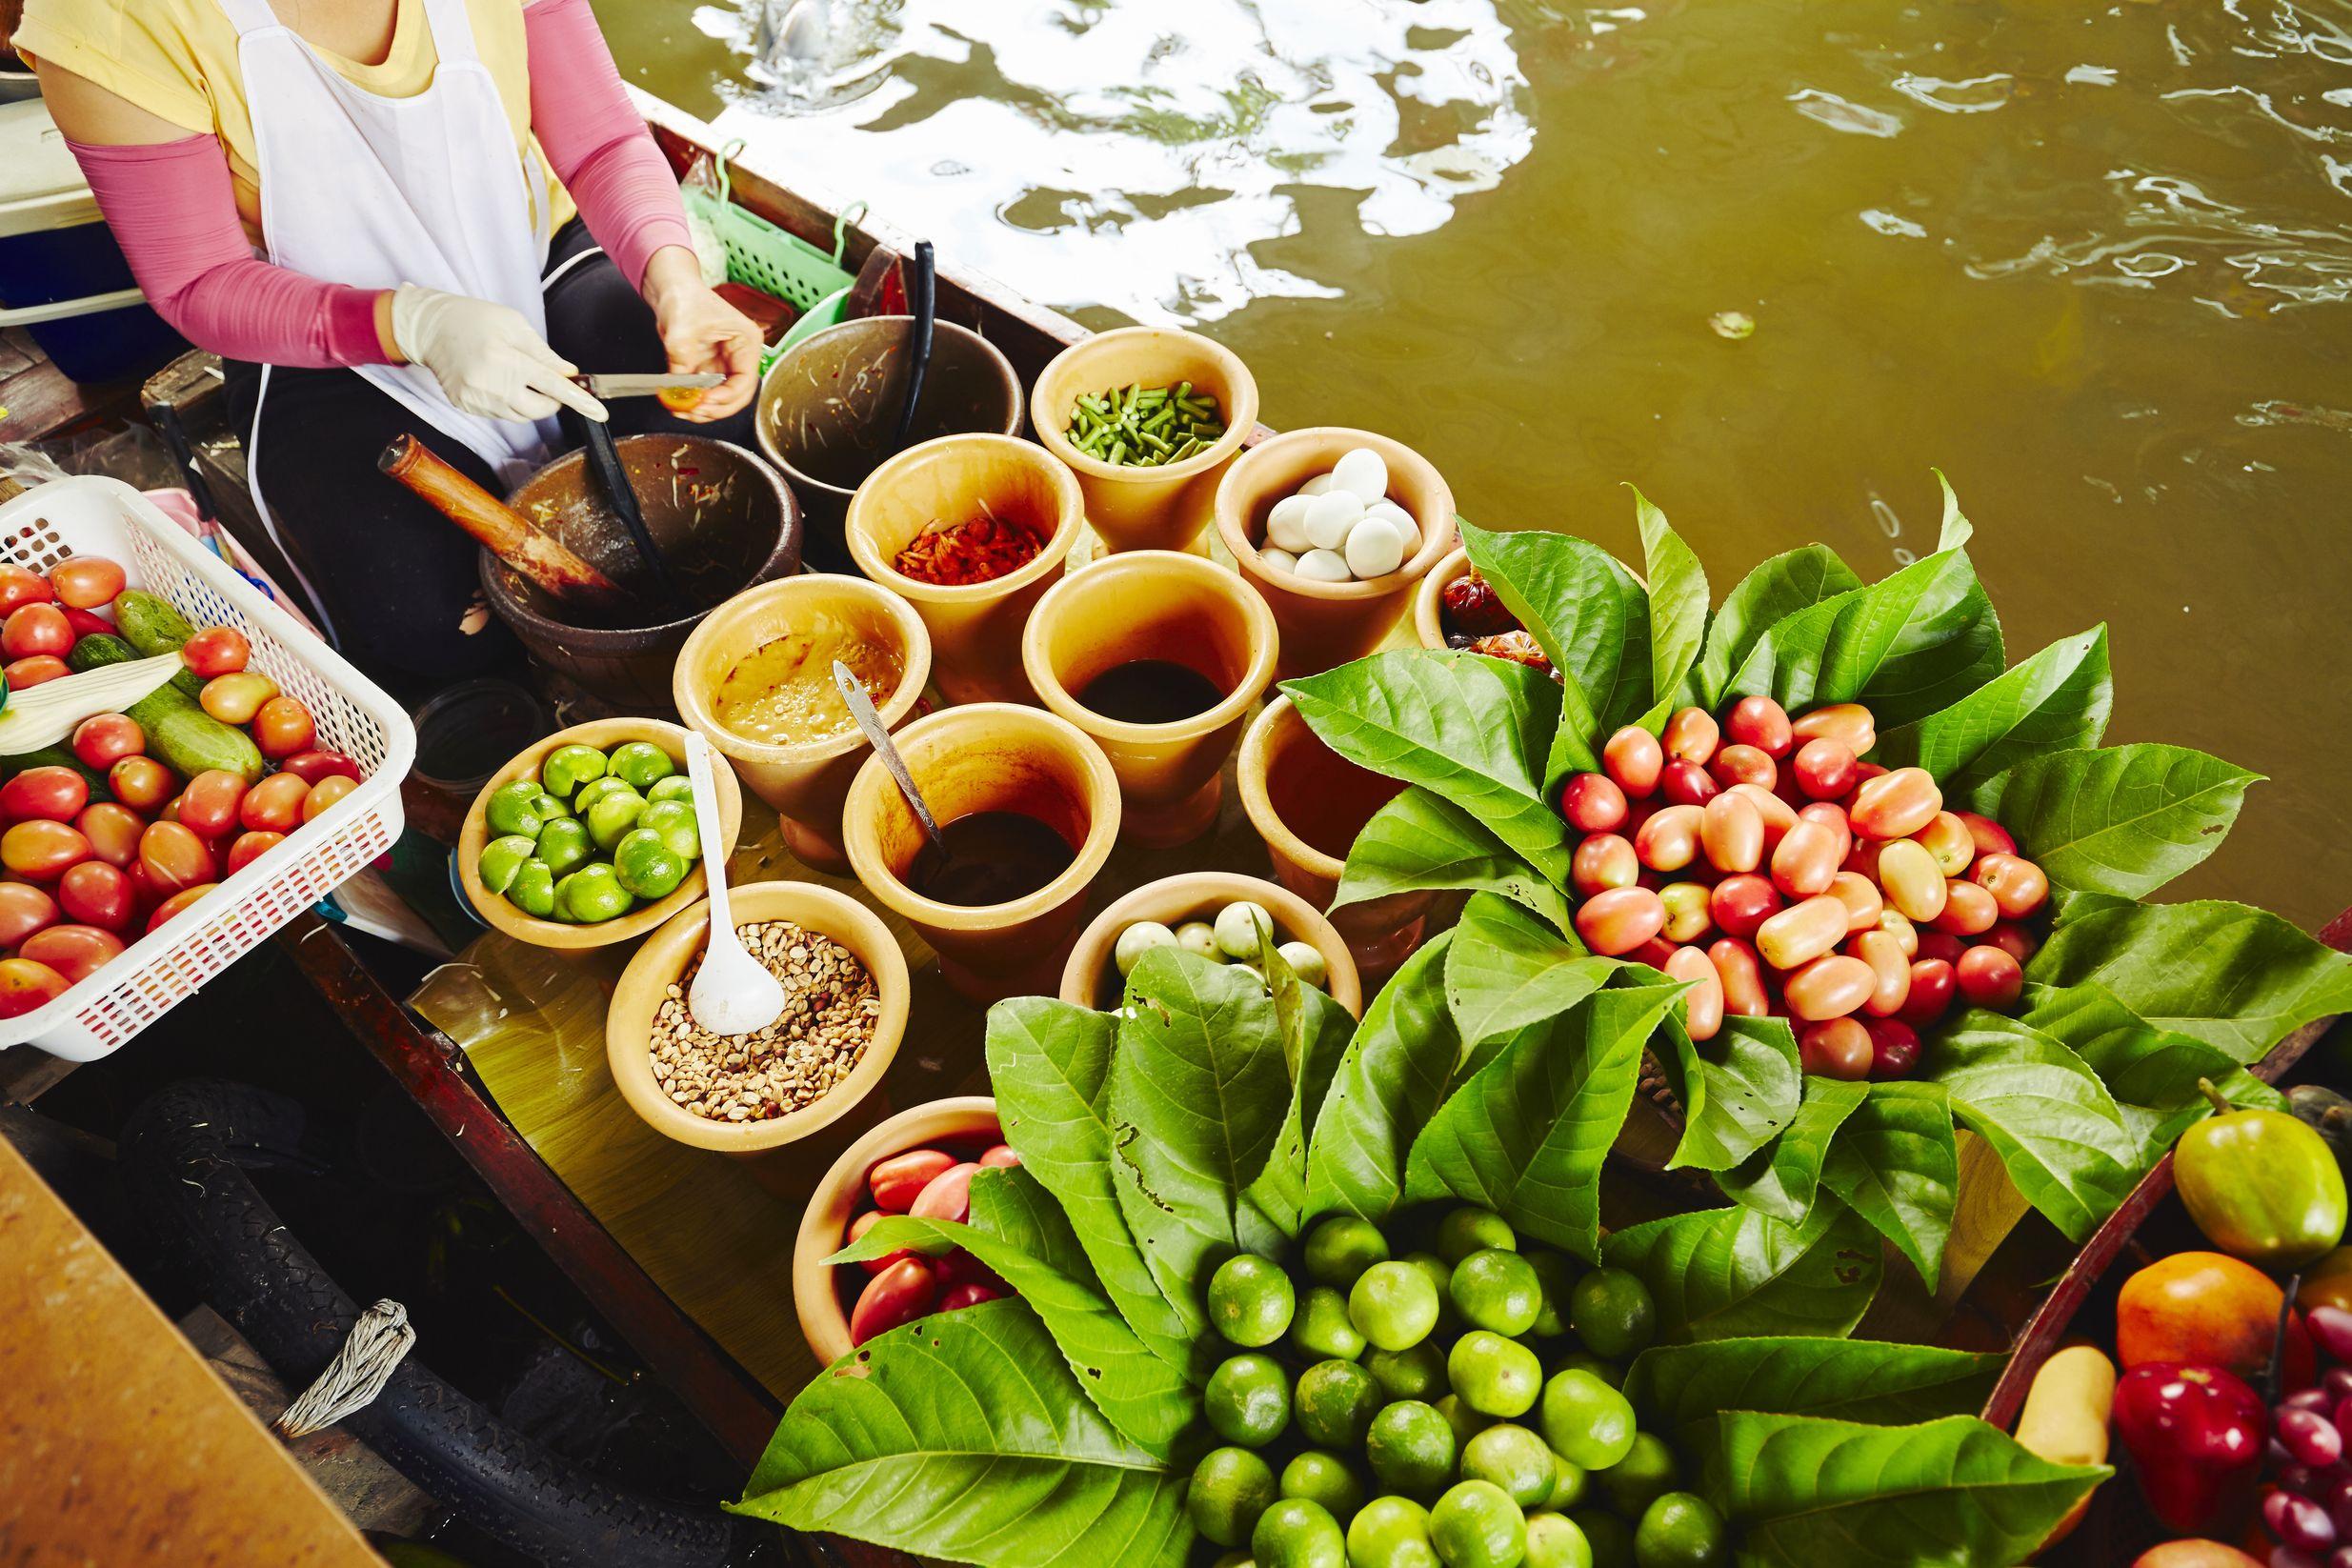 Φρέκσα φρούτα σε βάρκα στην πλωτή αγορά της Μπανγκόκ, Ταϊλάνδη